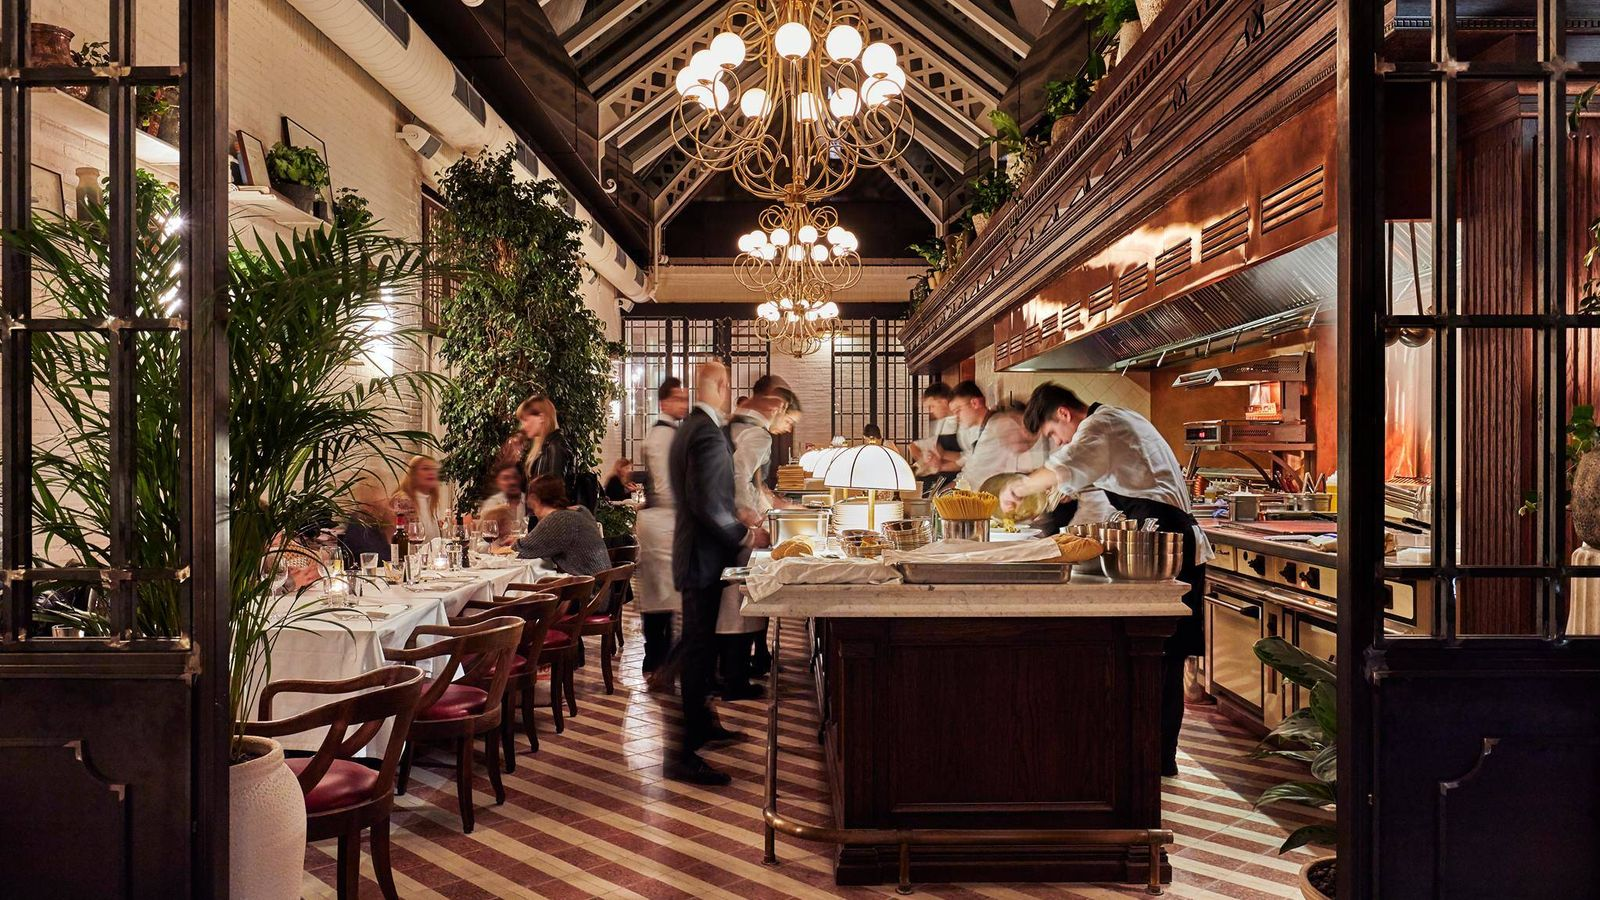 Foto: El restaurante Cecconi's Barcelona, uno de los más solicitados del momento. (Cortesía)